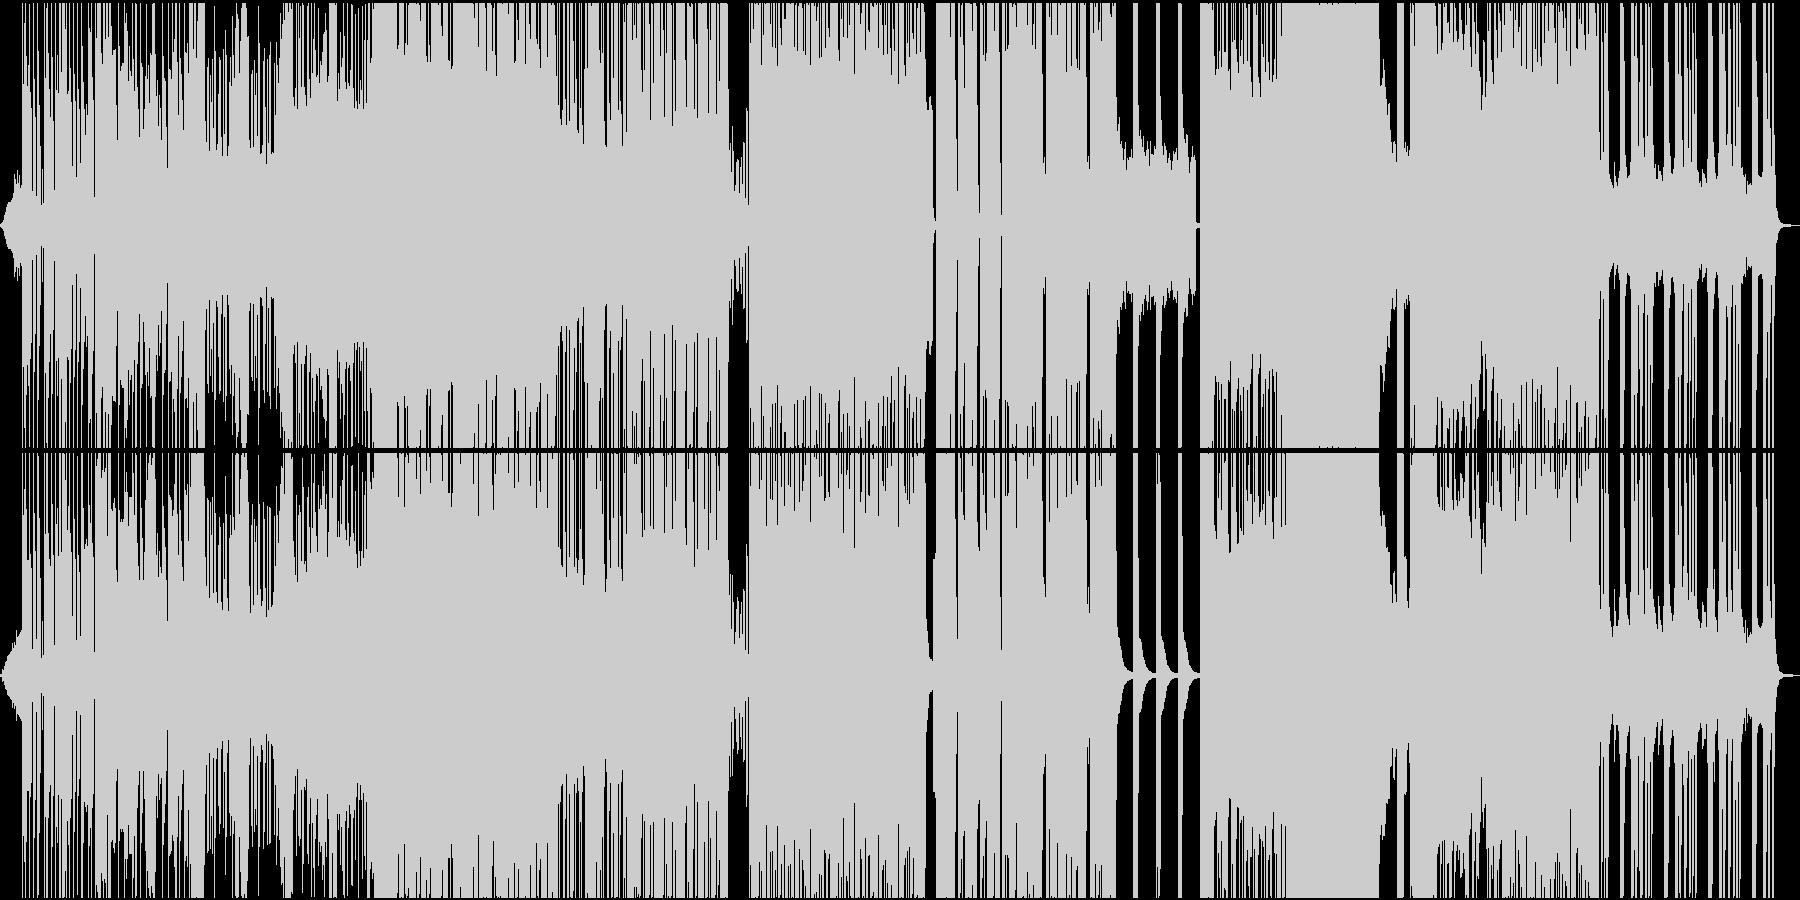 イケイケシンセのバンドサウンドの未再生の波形